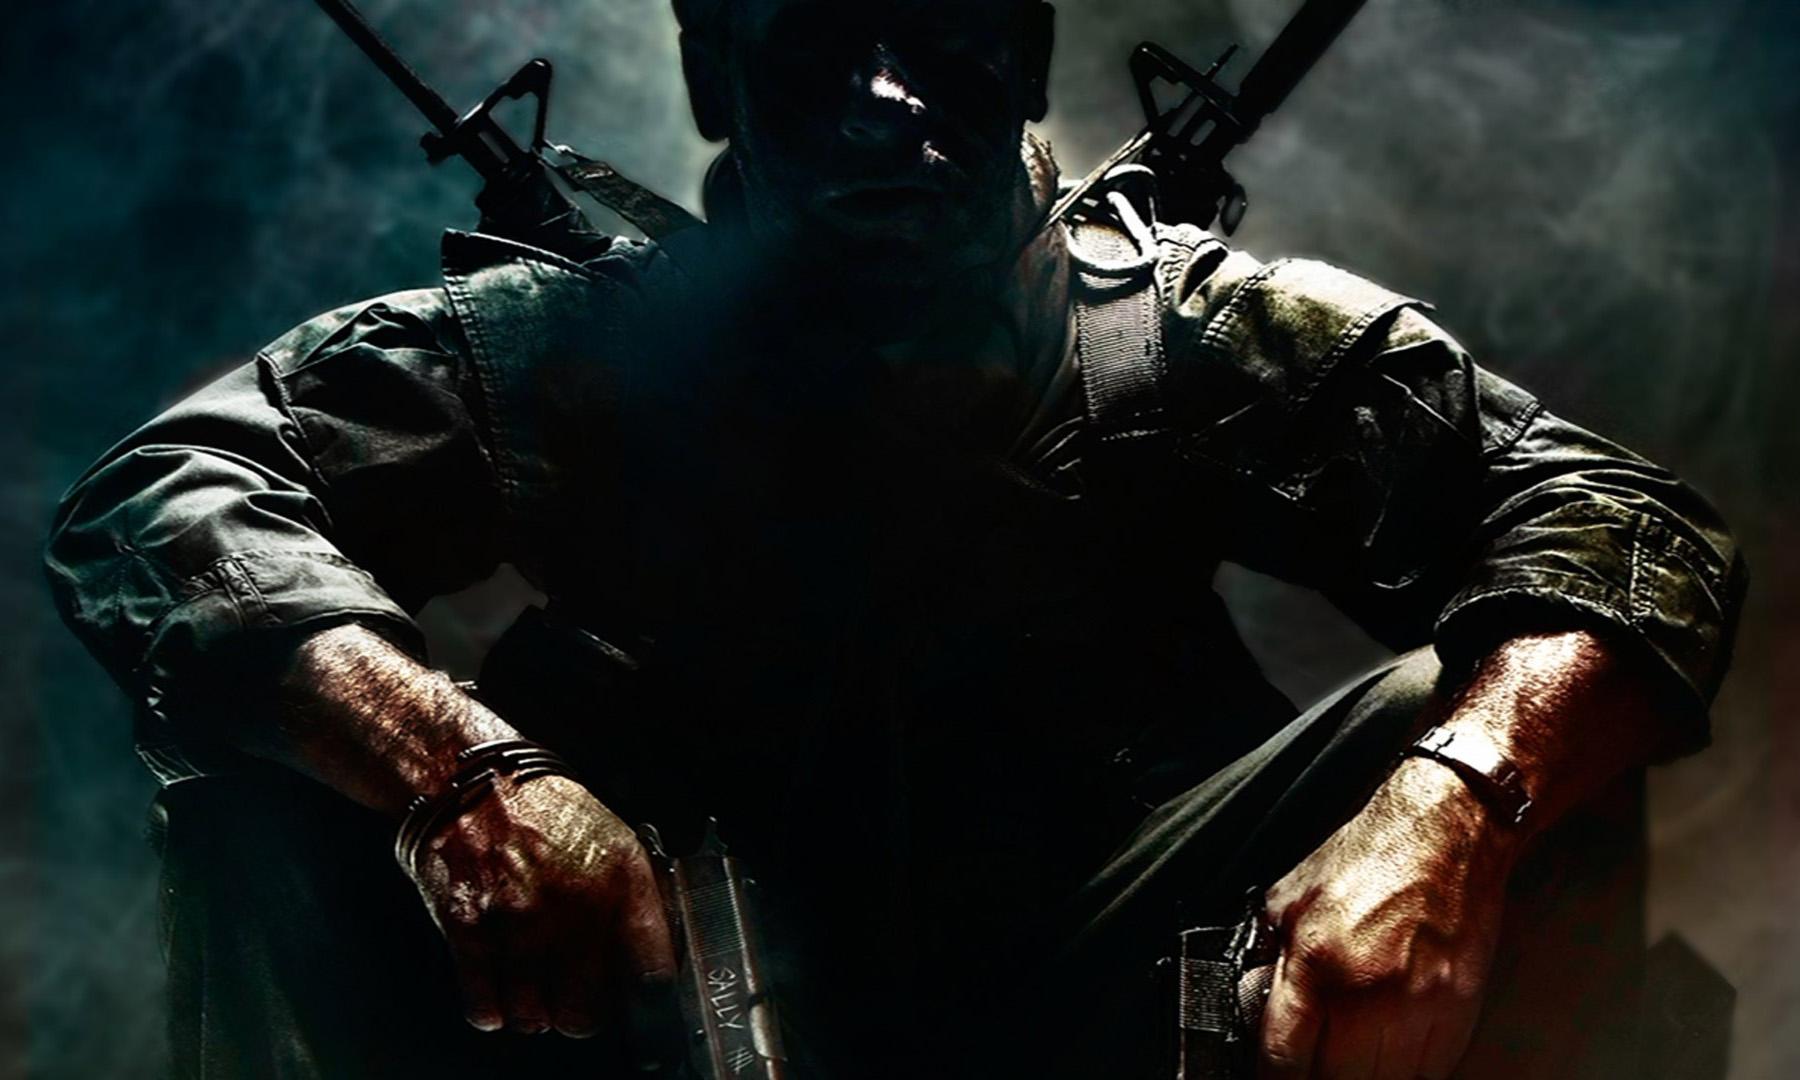 《使命召唤 17》将在年末登场,推出「黑色行动」重启版